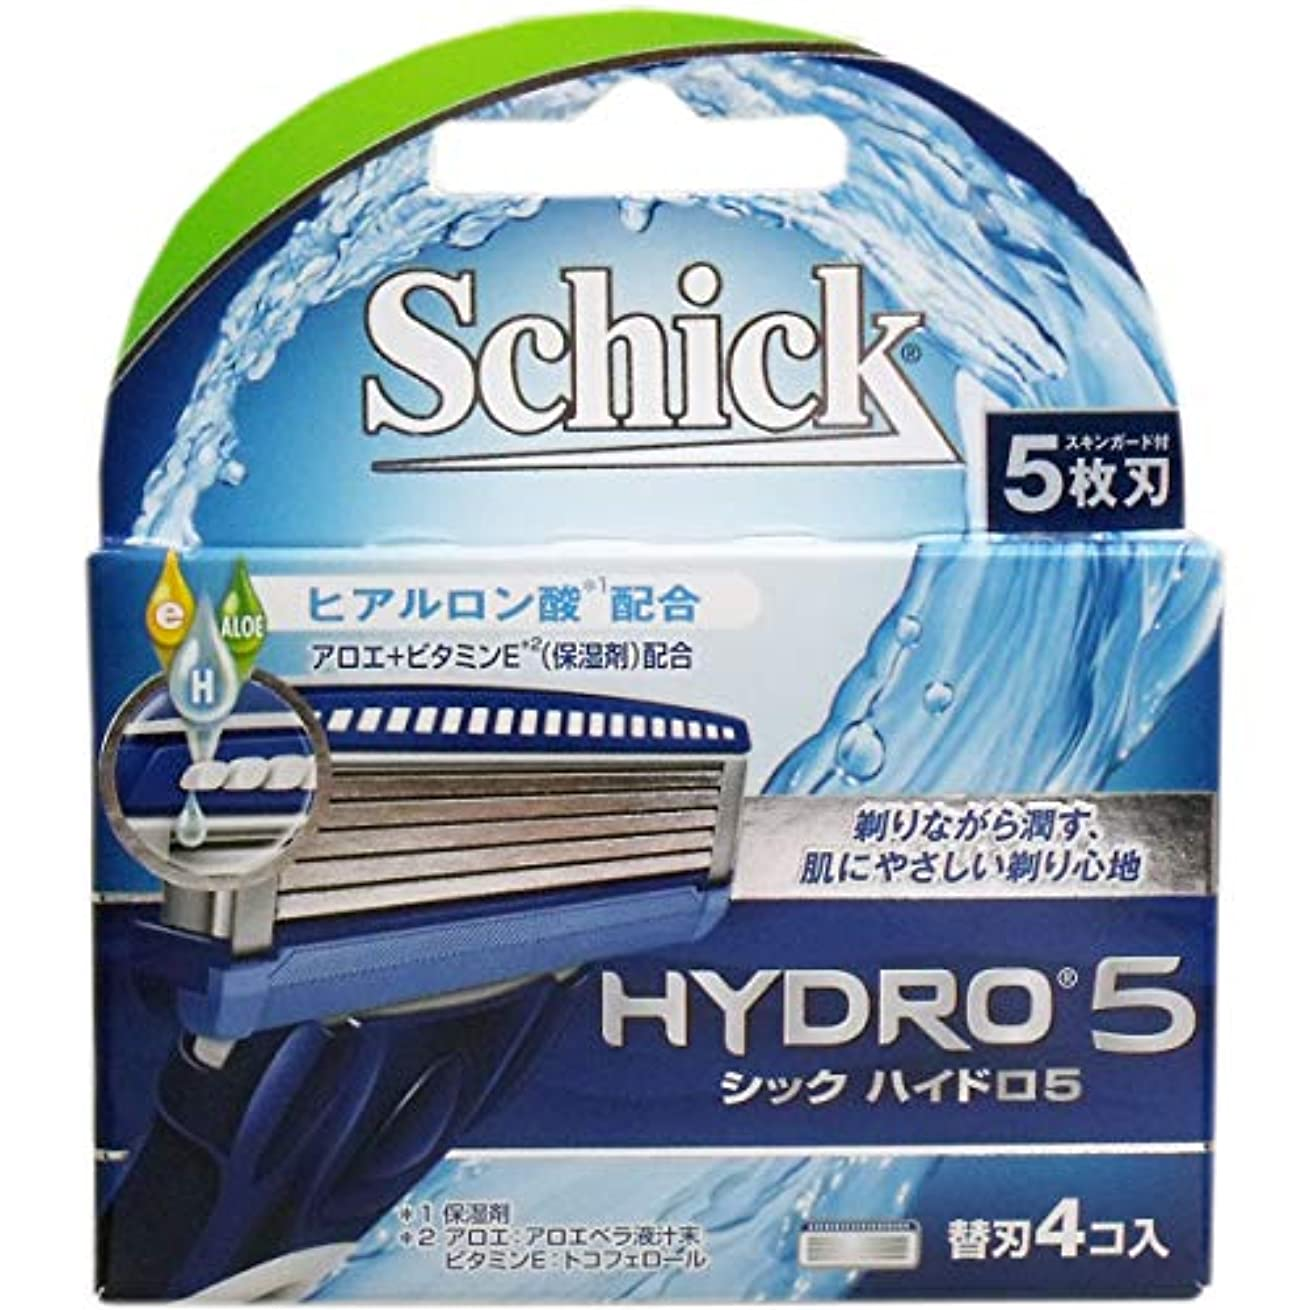 くるみ介入する爬虫類シック ハイドロ5 替刃 4個入×10個セット